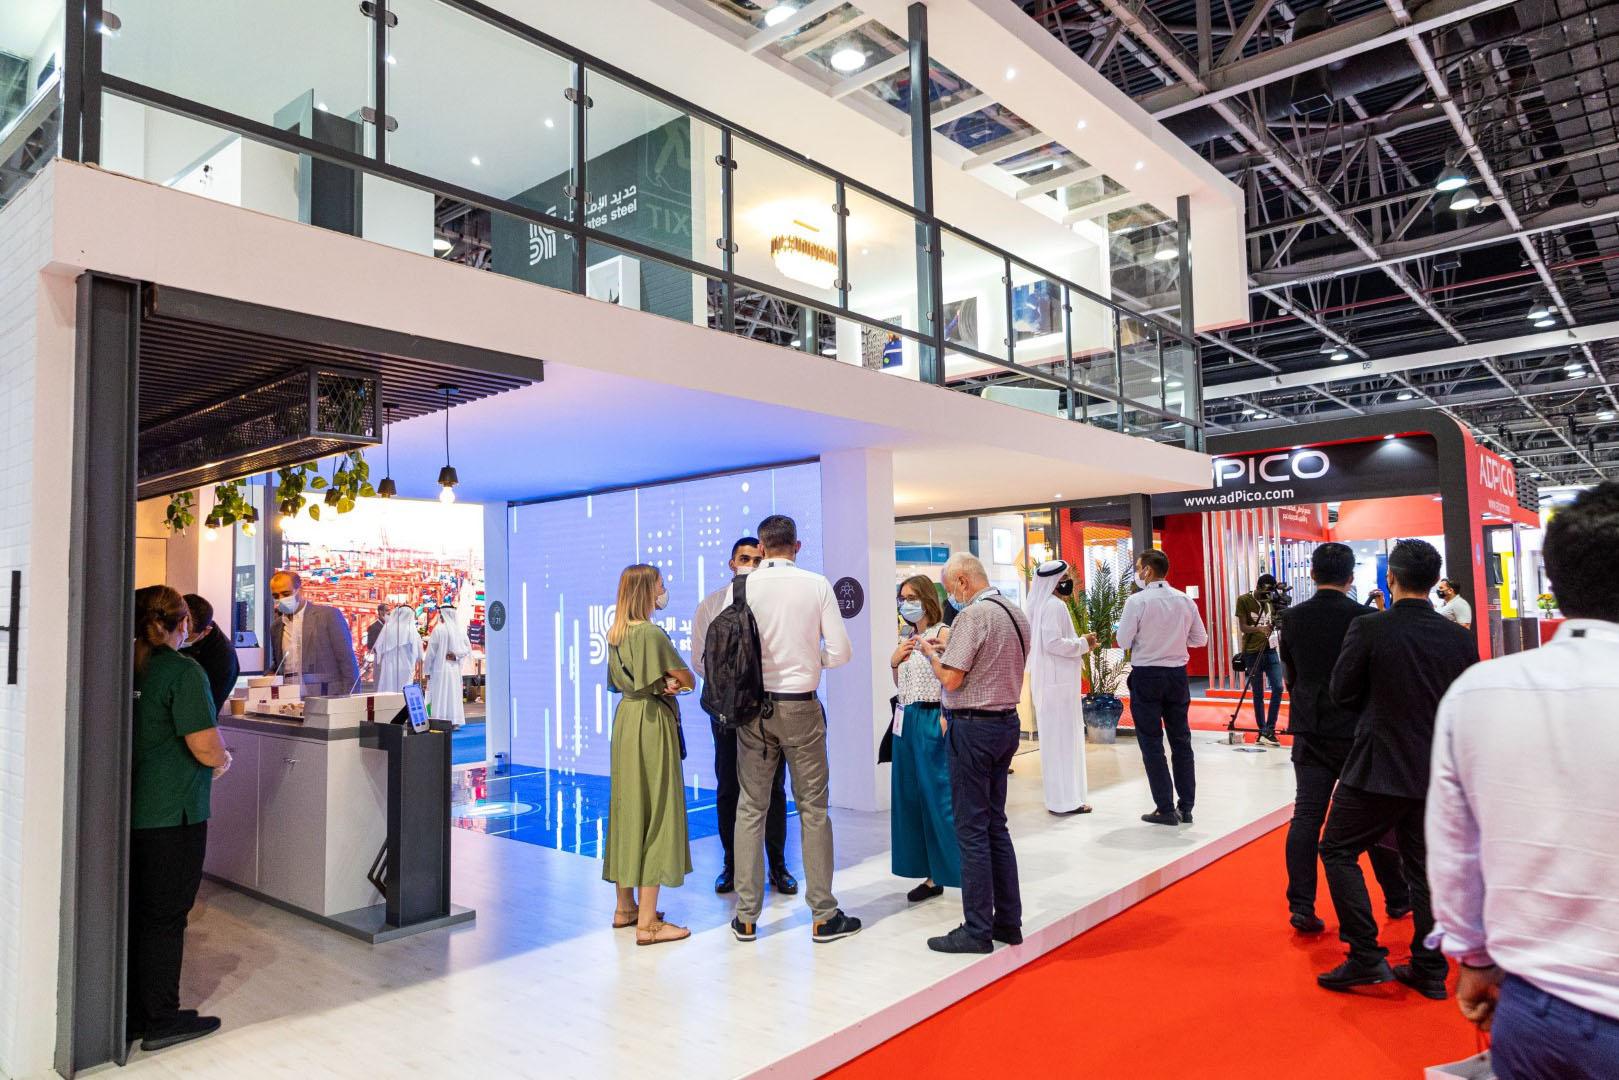 حديد الإمارات تختتم مشاركتها في معرض الخمسة الكبار